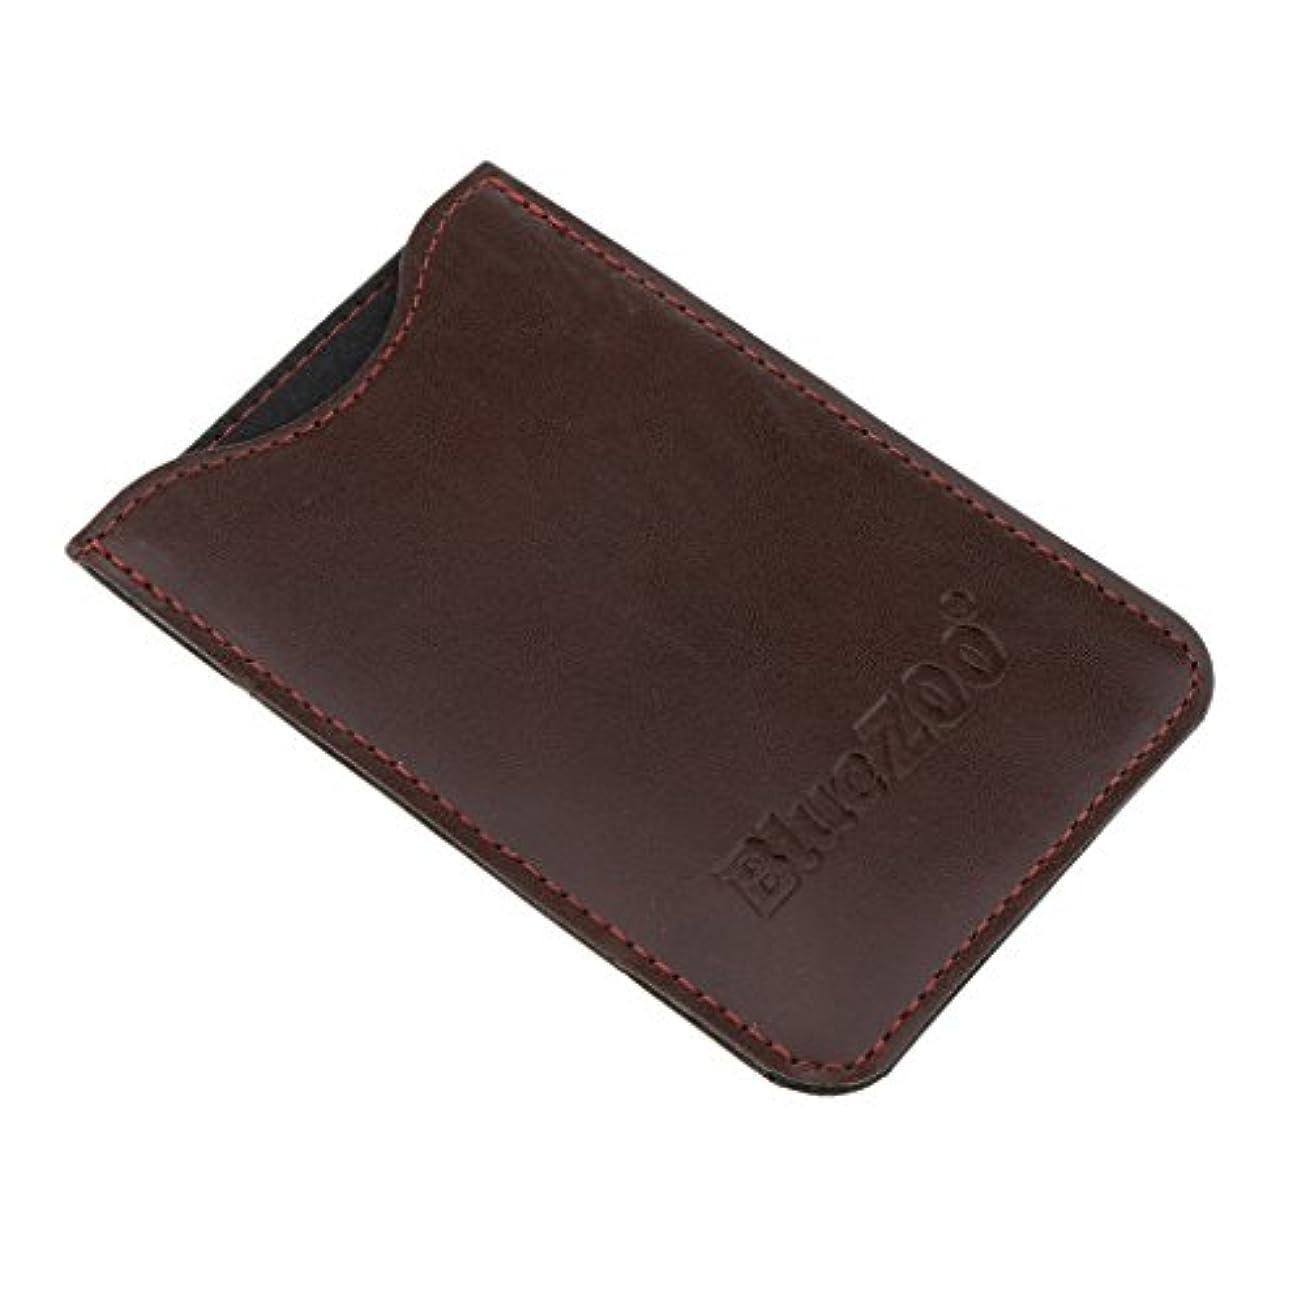 健康的通り抜ける中級収納パック 収納ケース 保護カバー 櫛/名刺/IDカード/銀行カード 多機能 高品質 全2色 - 褐色